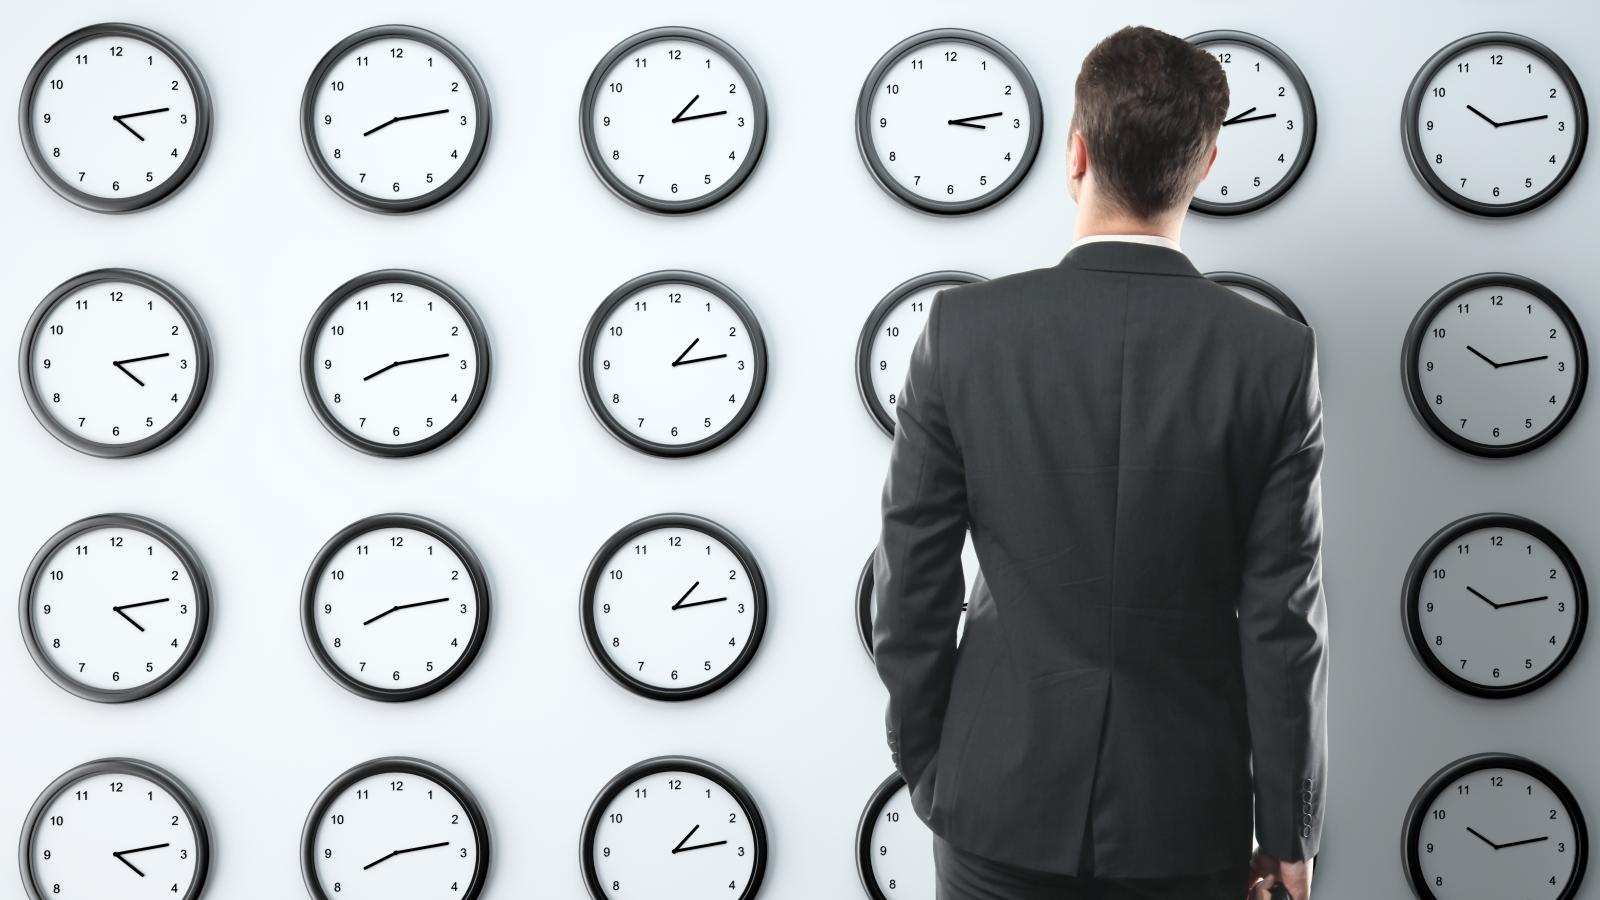 برای انجام کارهای خود در زمان بهینه از این ده روش کمک بگیرید